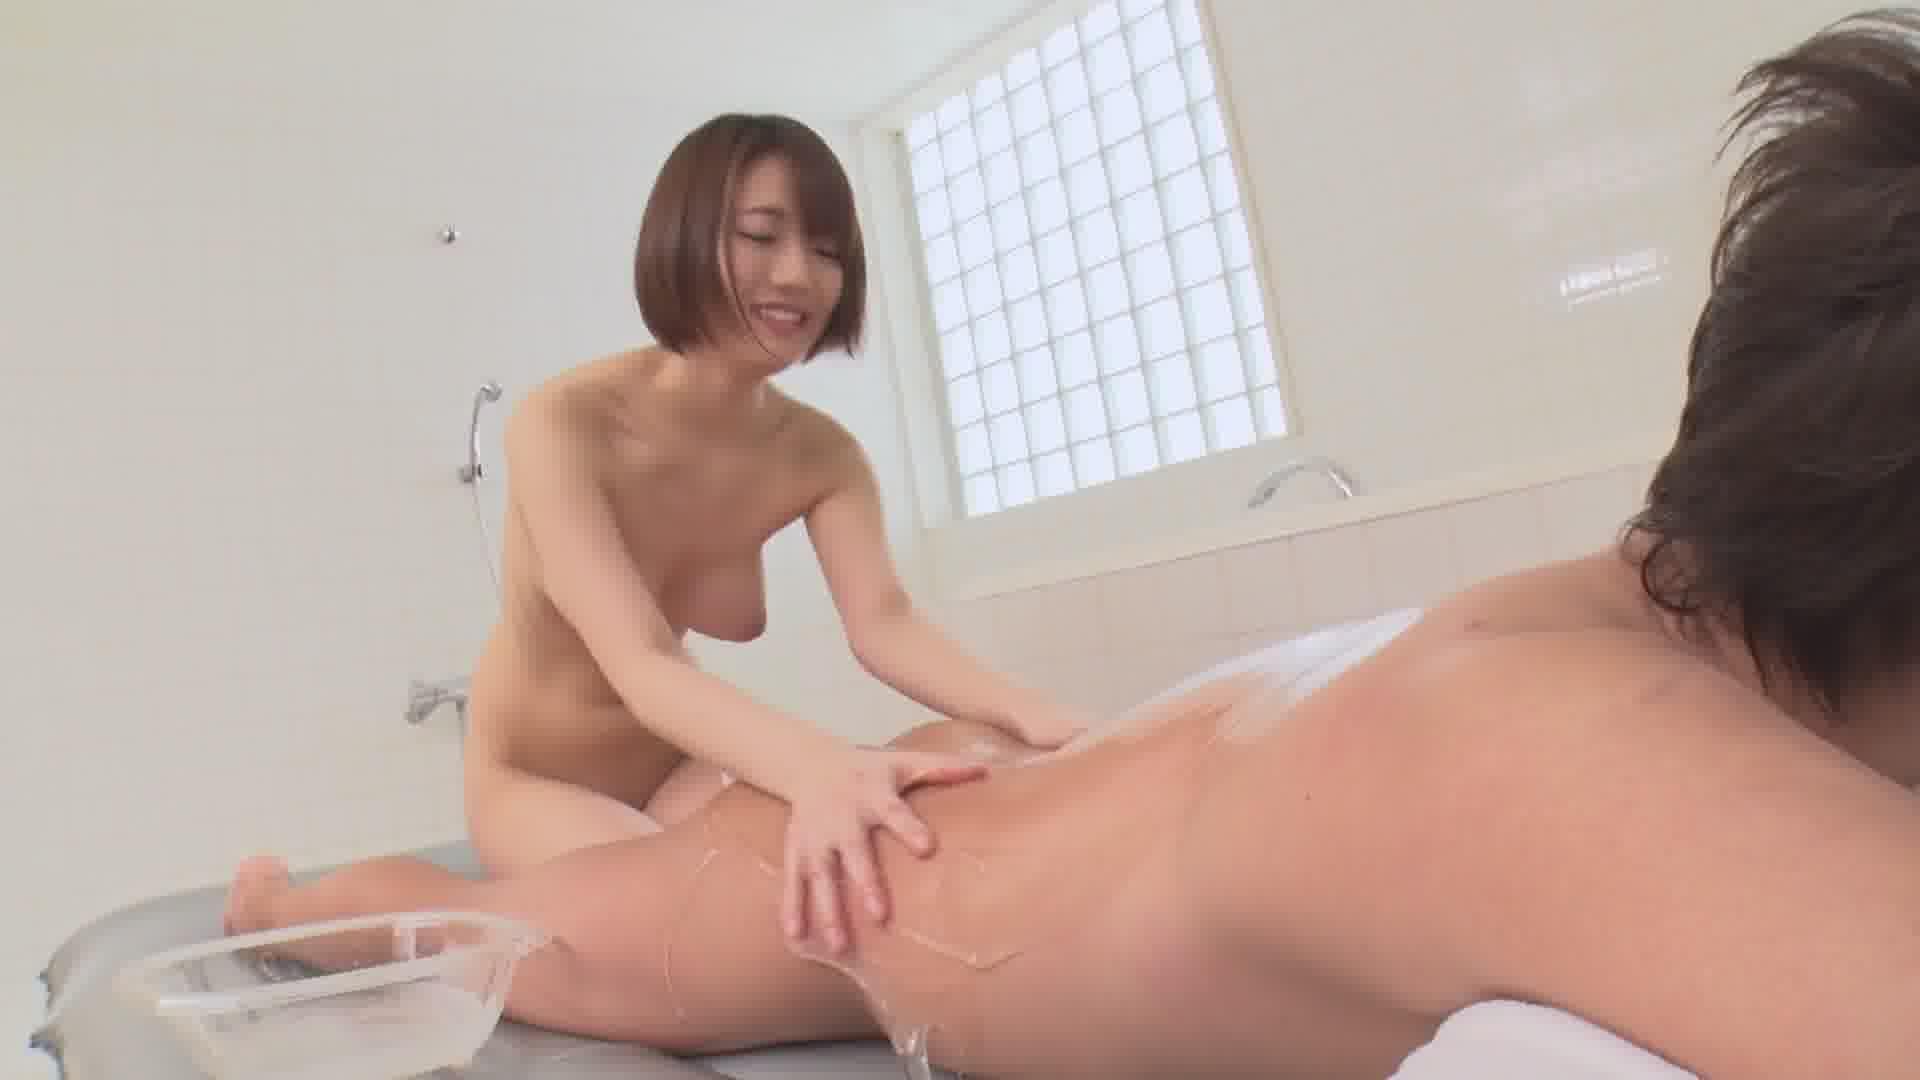 極上泡姫物語 Vol.68 - 菊川みつ葉【美乳・スレンダー・風俗】